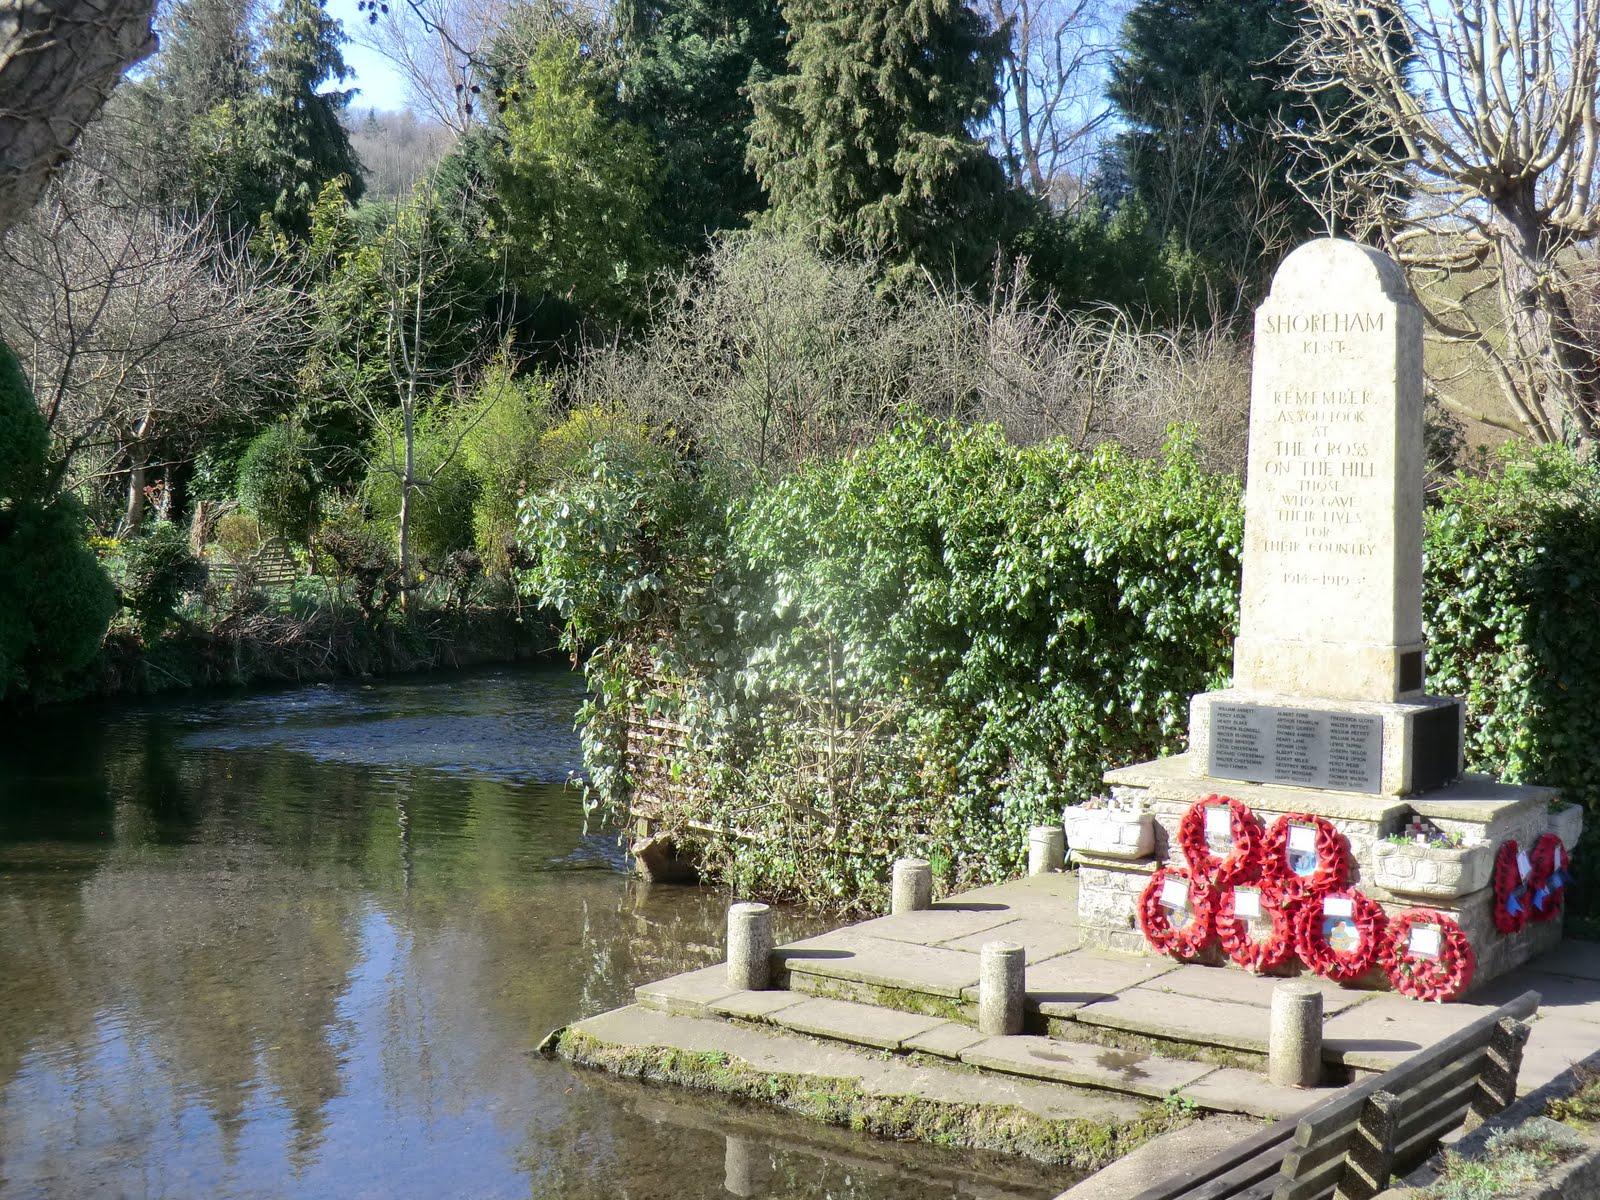 CIMG9110 War Memorial, Shoreham